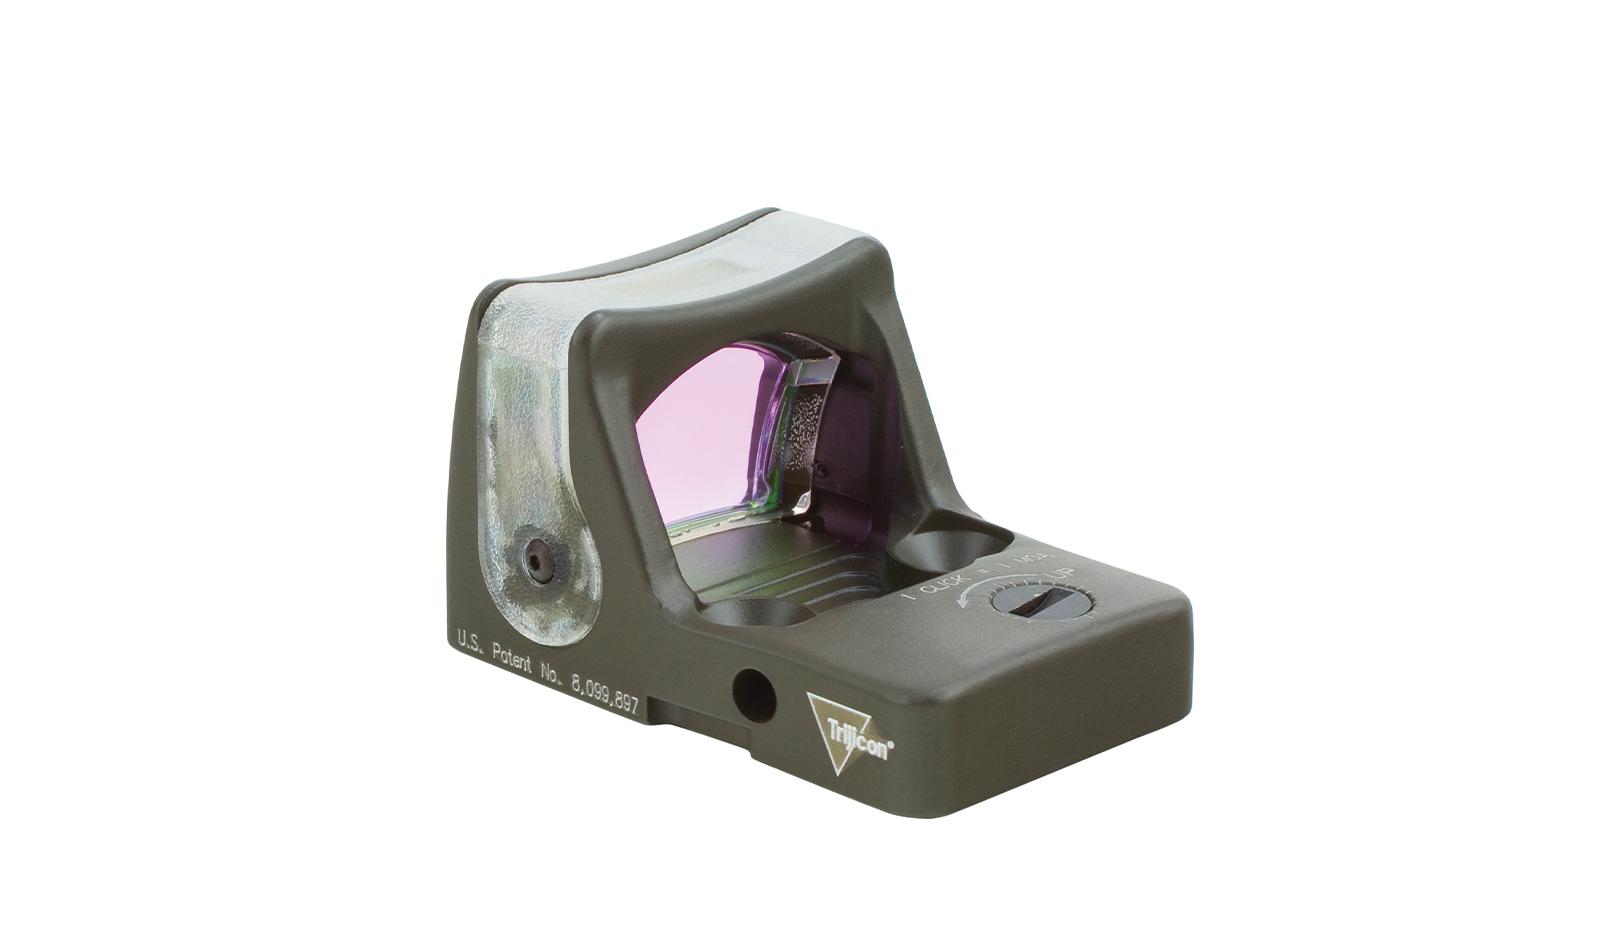 RM08-C-700281 angle 3